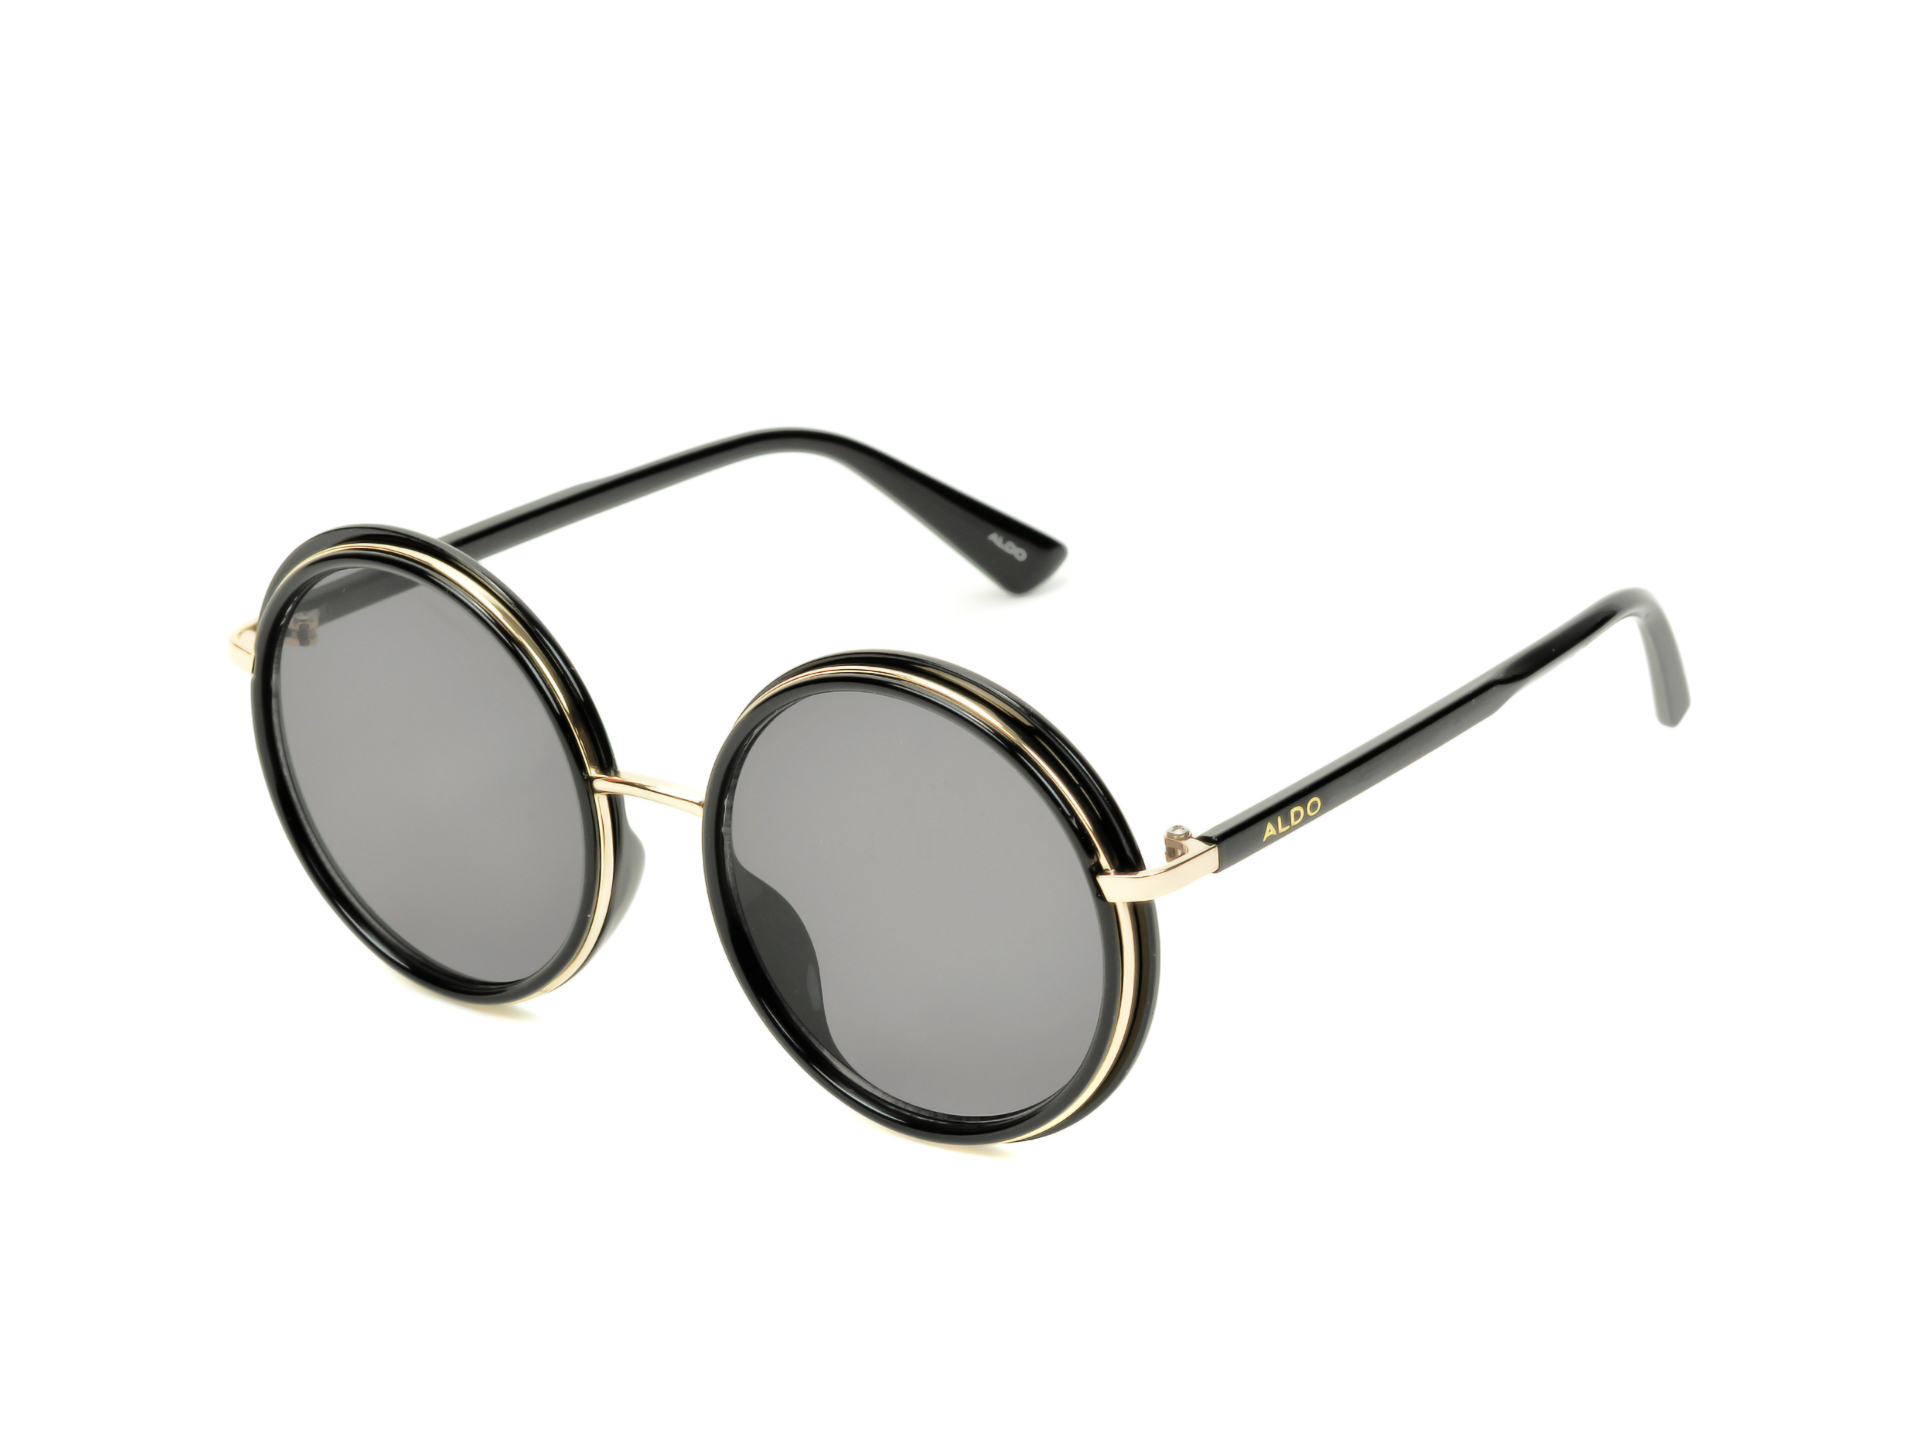 Ochelari de soare ALDO negri, Taipas970, din PVC imagine